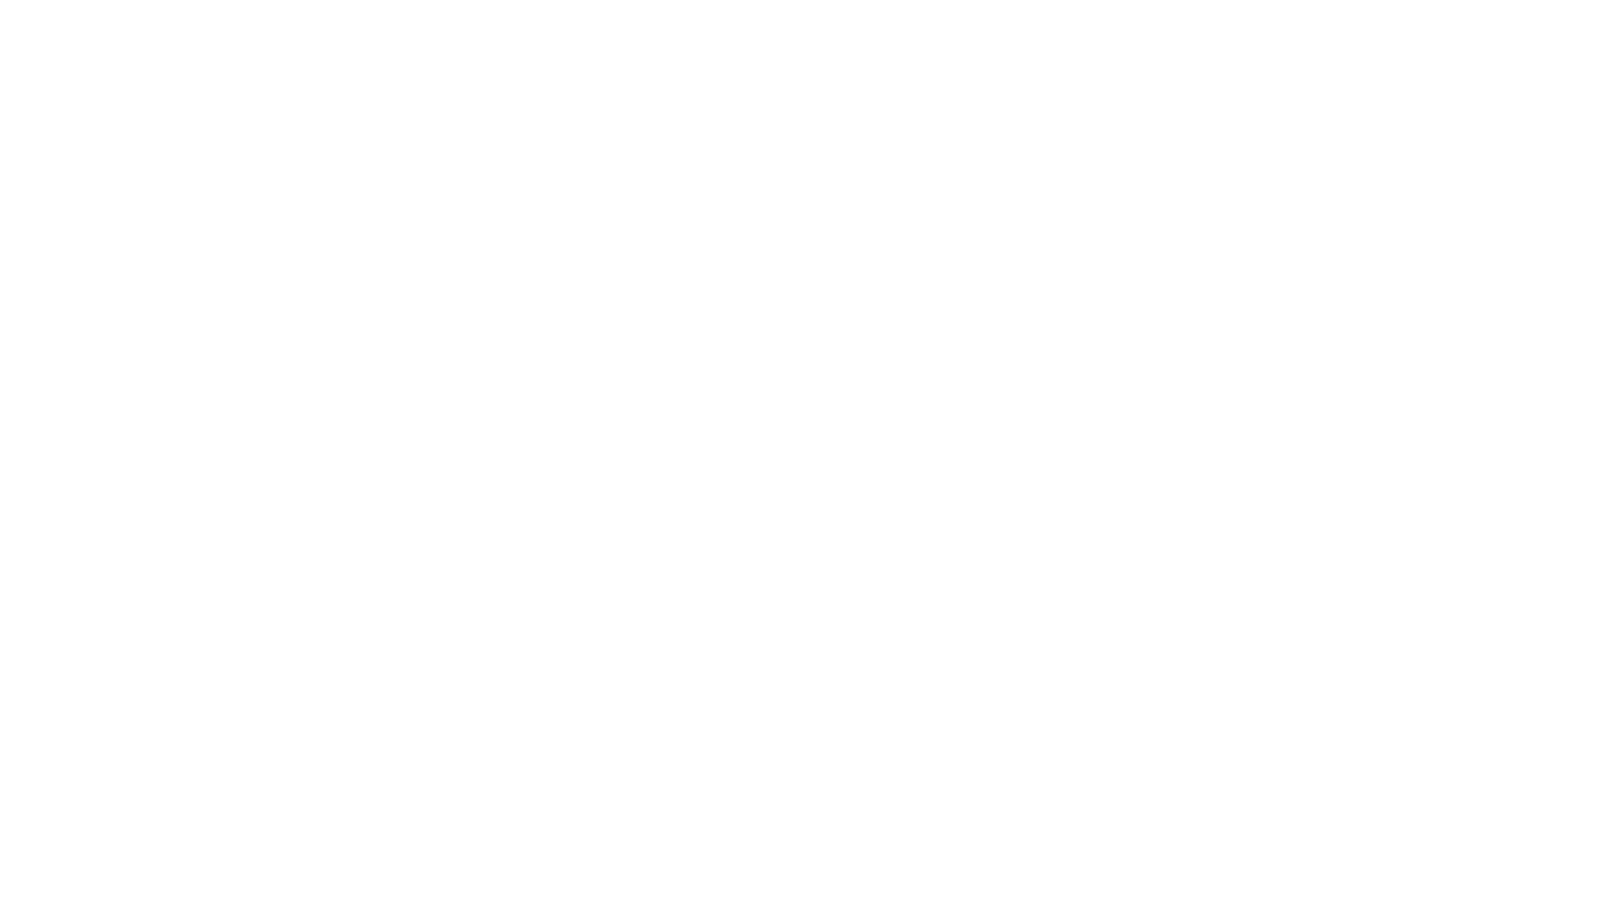 Mais uma super dica da @Galegabarreiros para facilitar seu dia a dia! Sabe aquela roupa bem difícil de passar? A Edilimp tem a solução super simples! Você só vai precisar de: 500ml de água; 100 ml de amaciante de roupas Edilimp, 100 ml de álcool 50 ml de cola branca 01 borrifador. Confira o vídeo e arrase nas roupas bem passadas e perfumadas!👕🌸